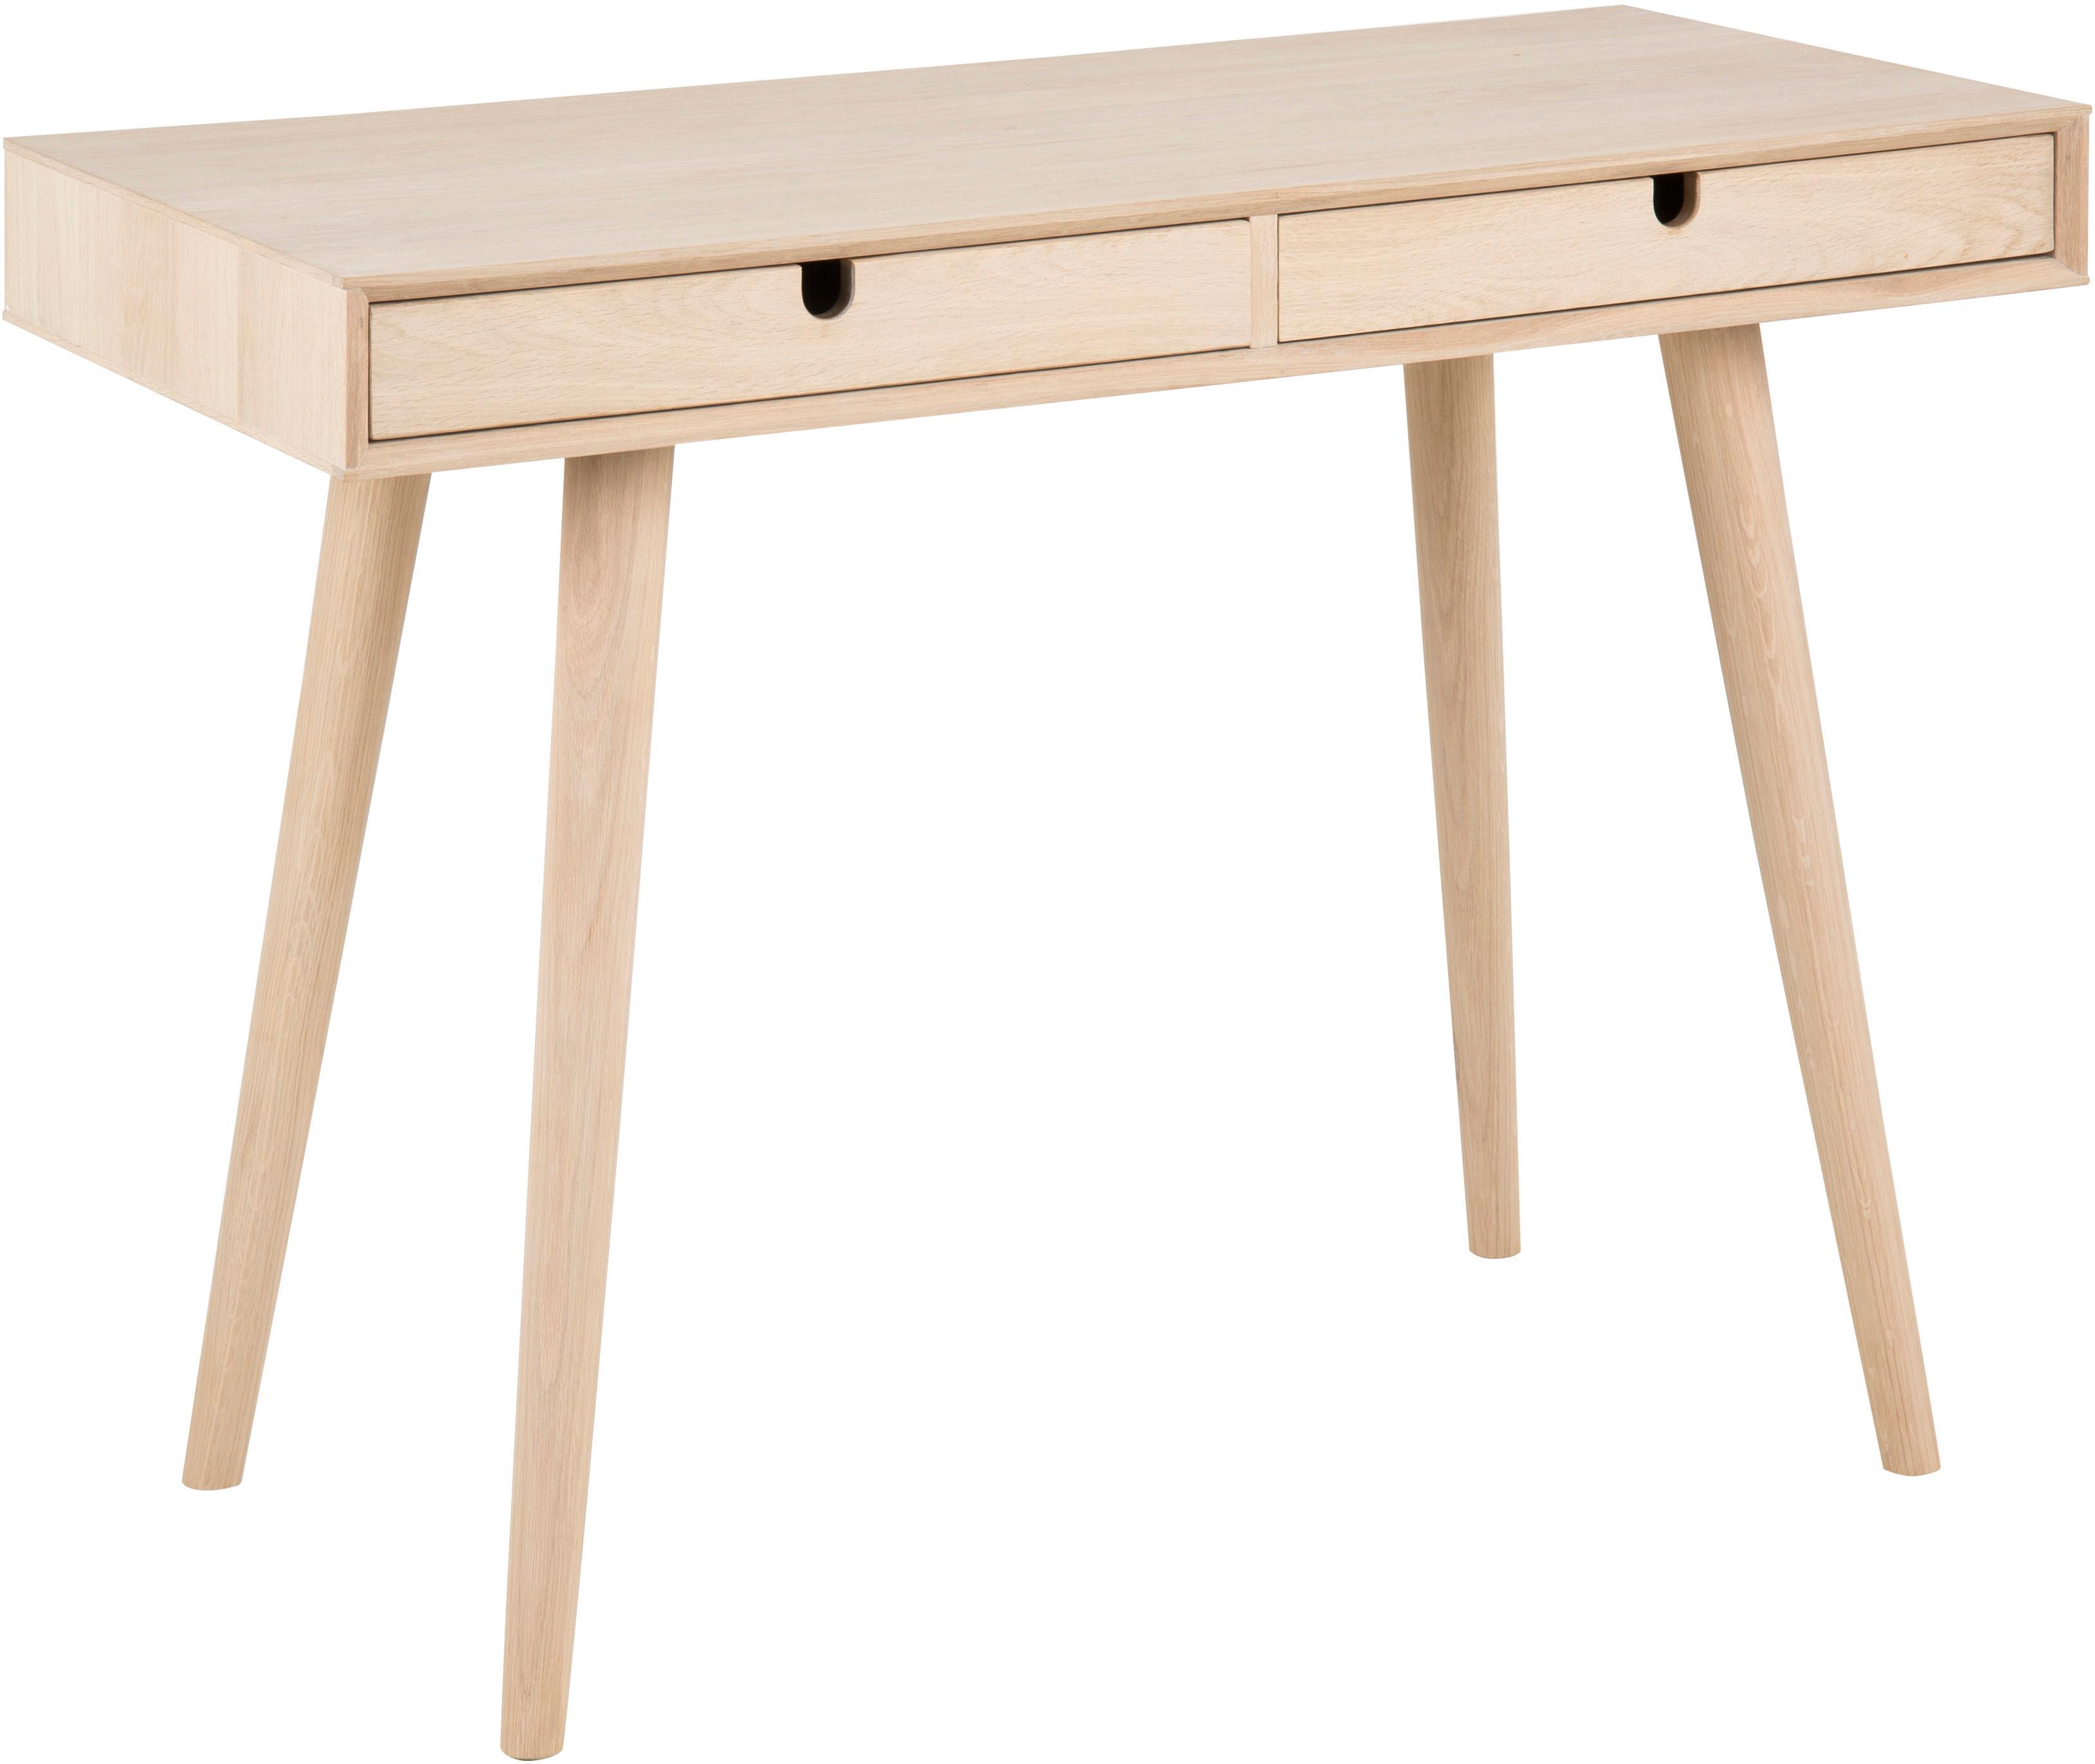 Wąskie biurko z drewna dębowego Century, Nogi: drewno dębowe, bielone, Drewno dębowe, 100 x 74 cm